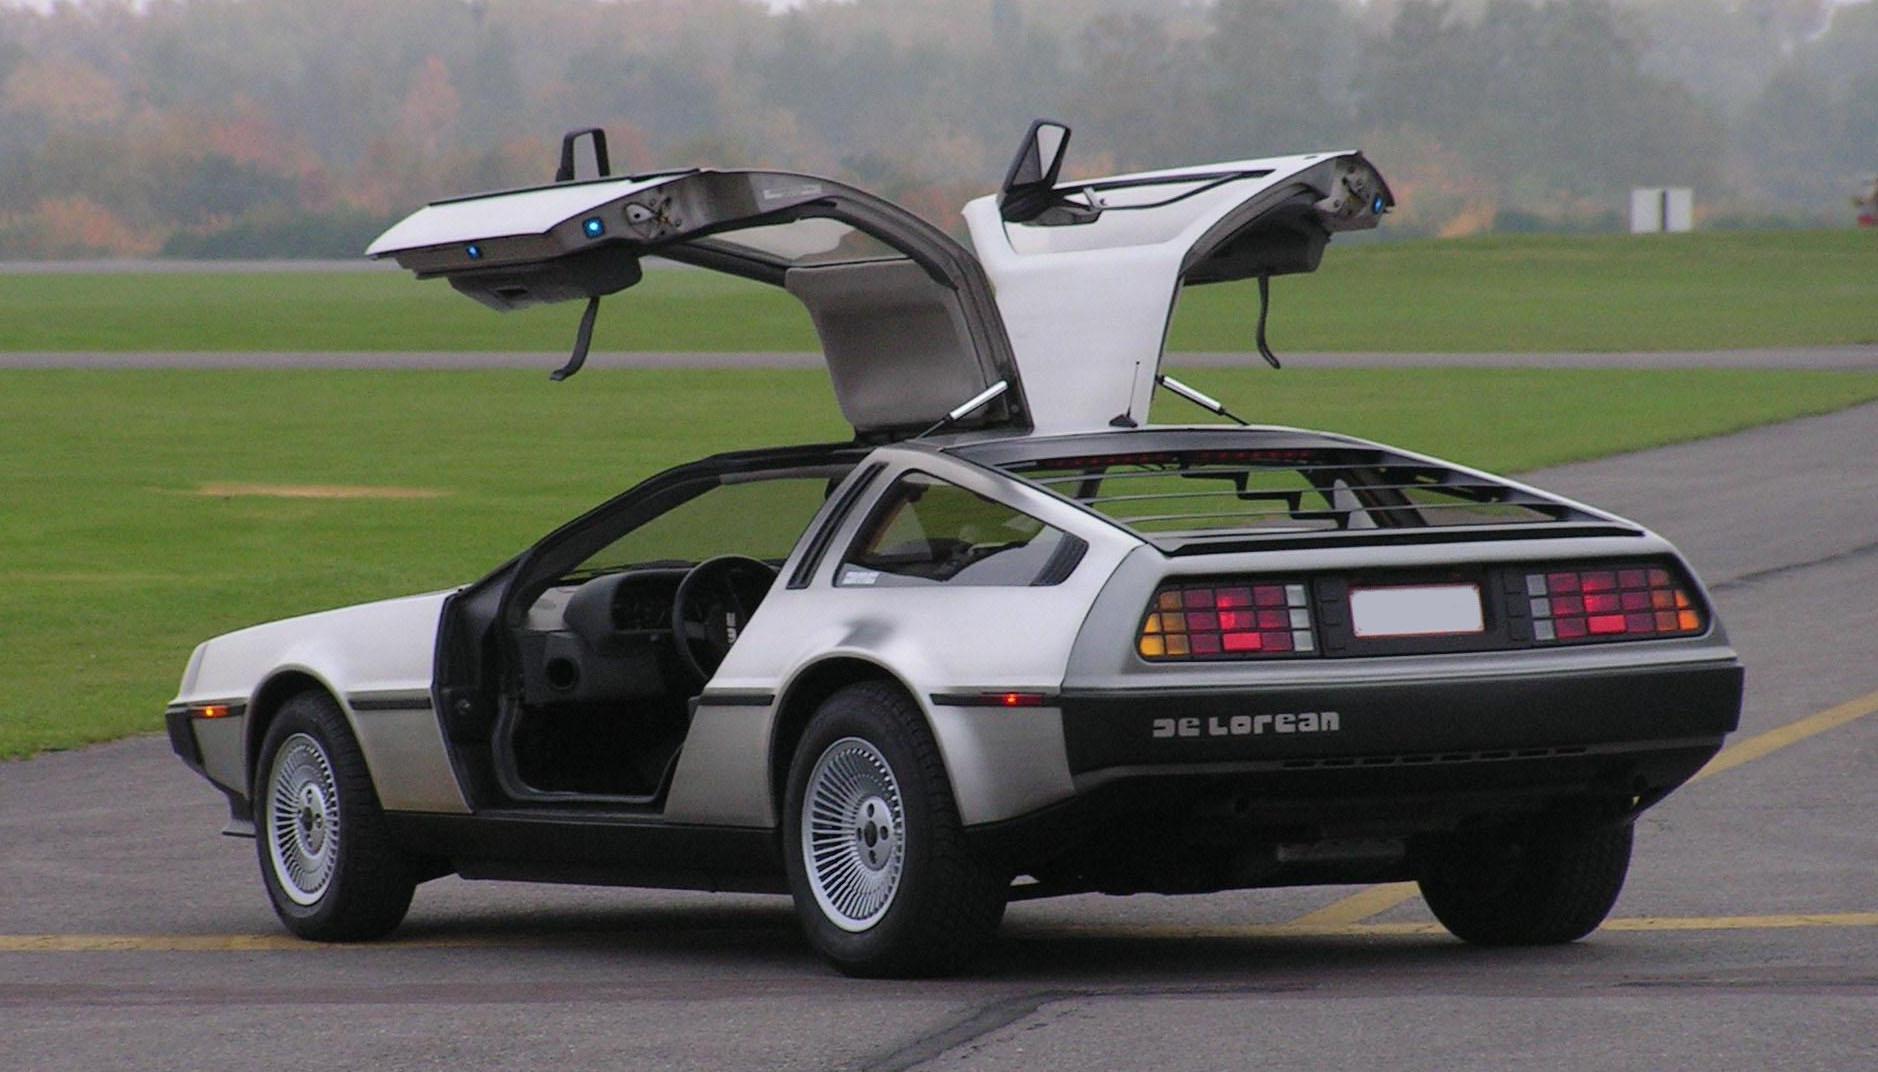 DeLorean DMC-12 posteriore